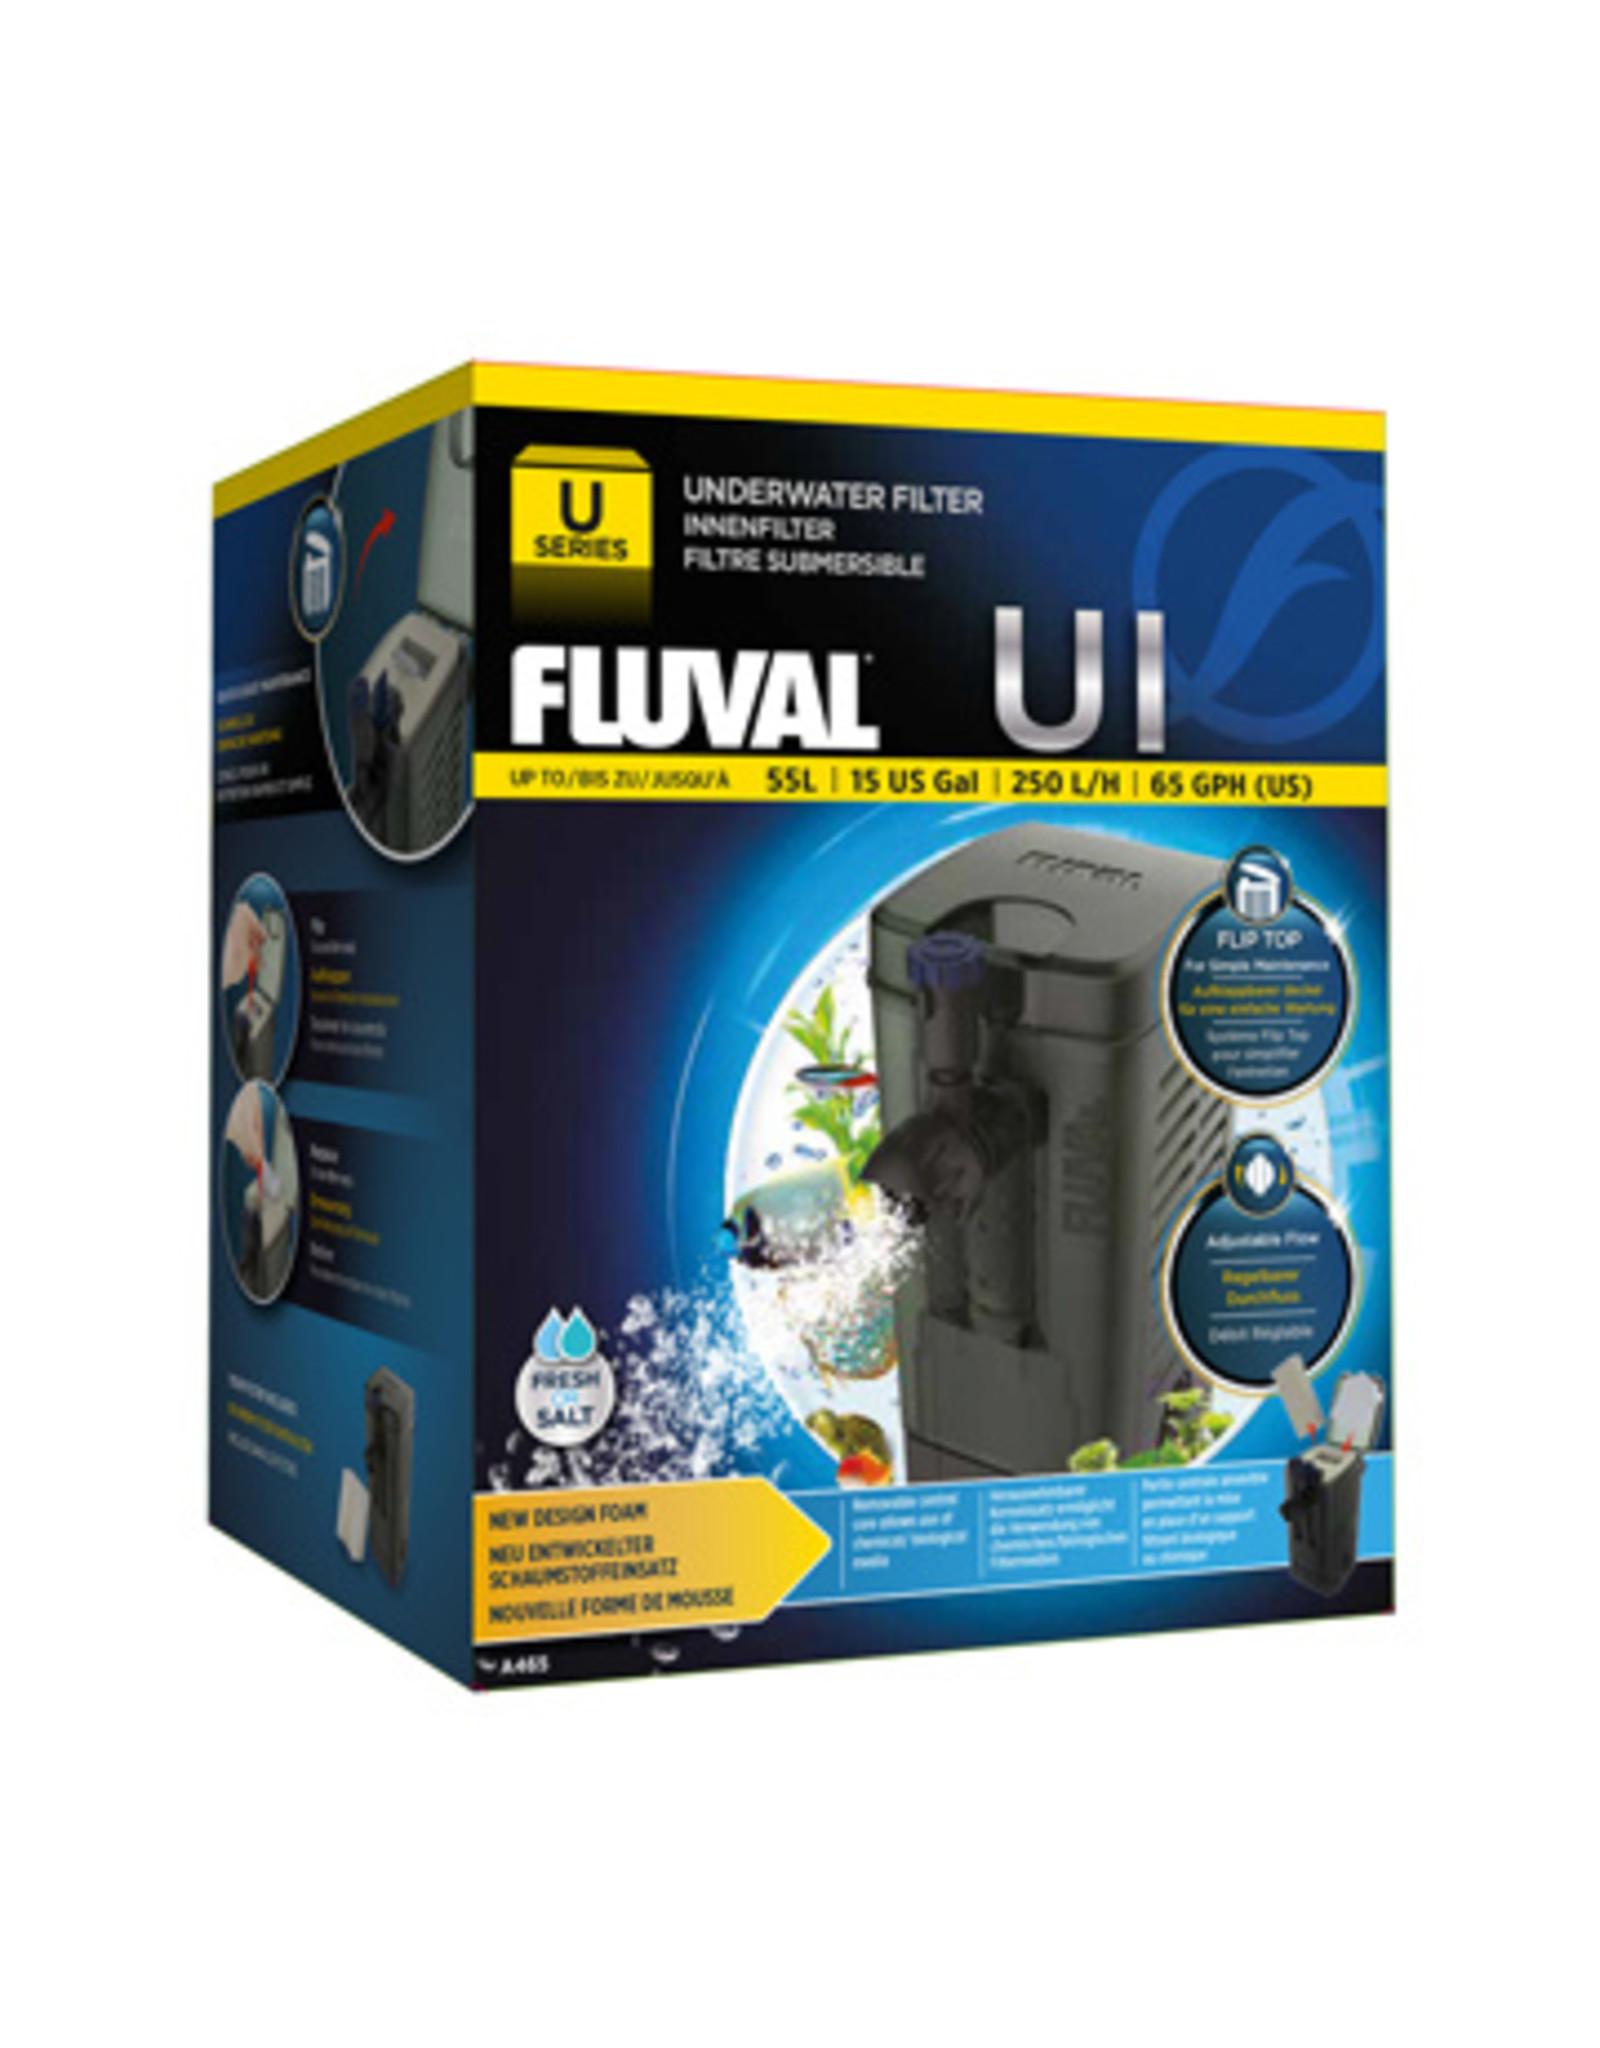 Fluval FLUVAL Underwater Filter U1